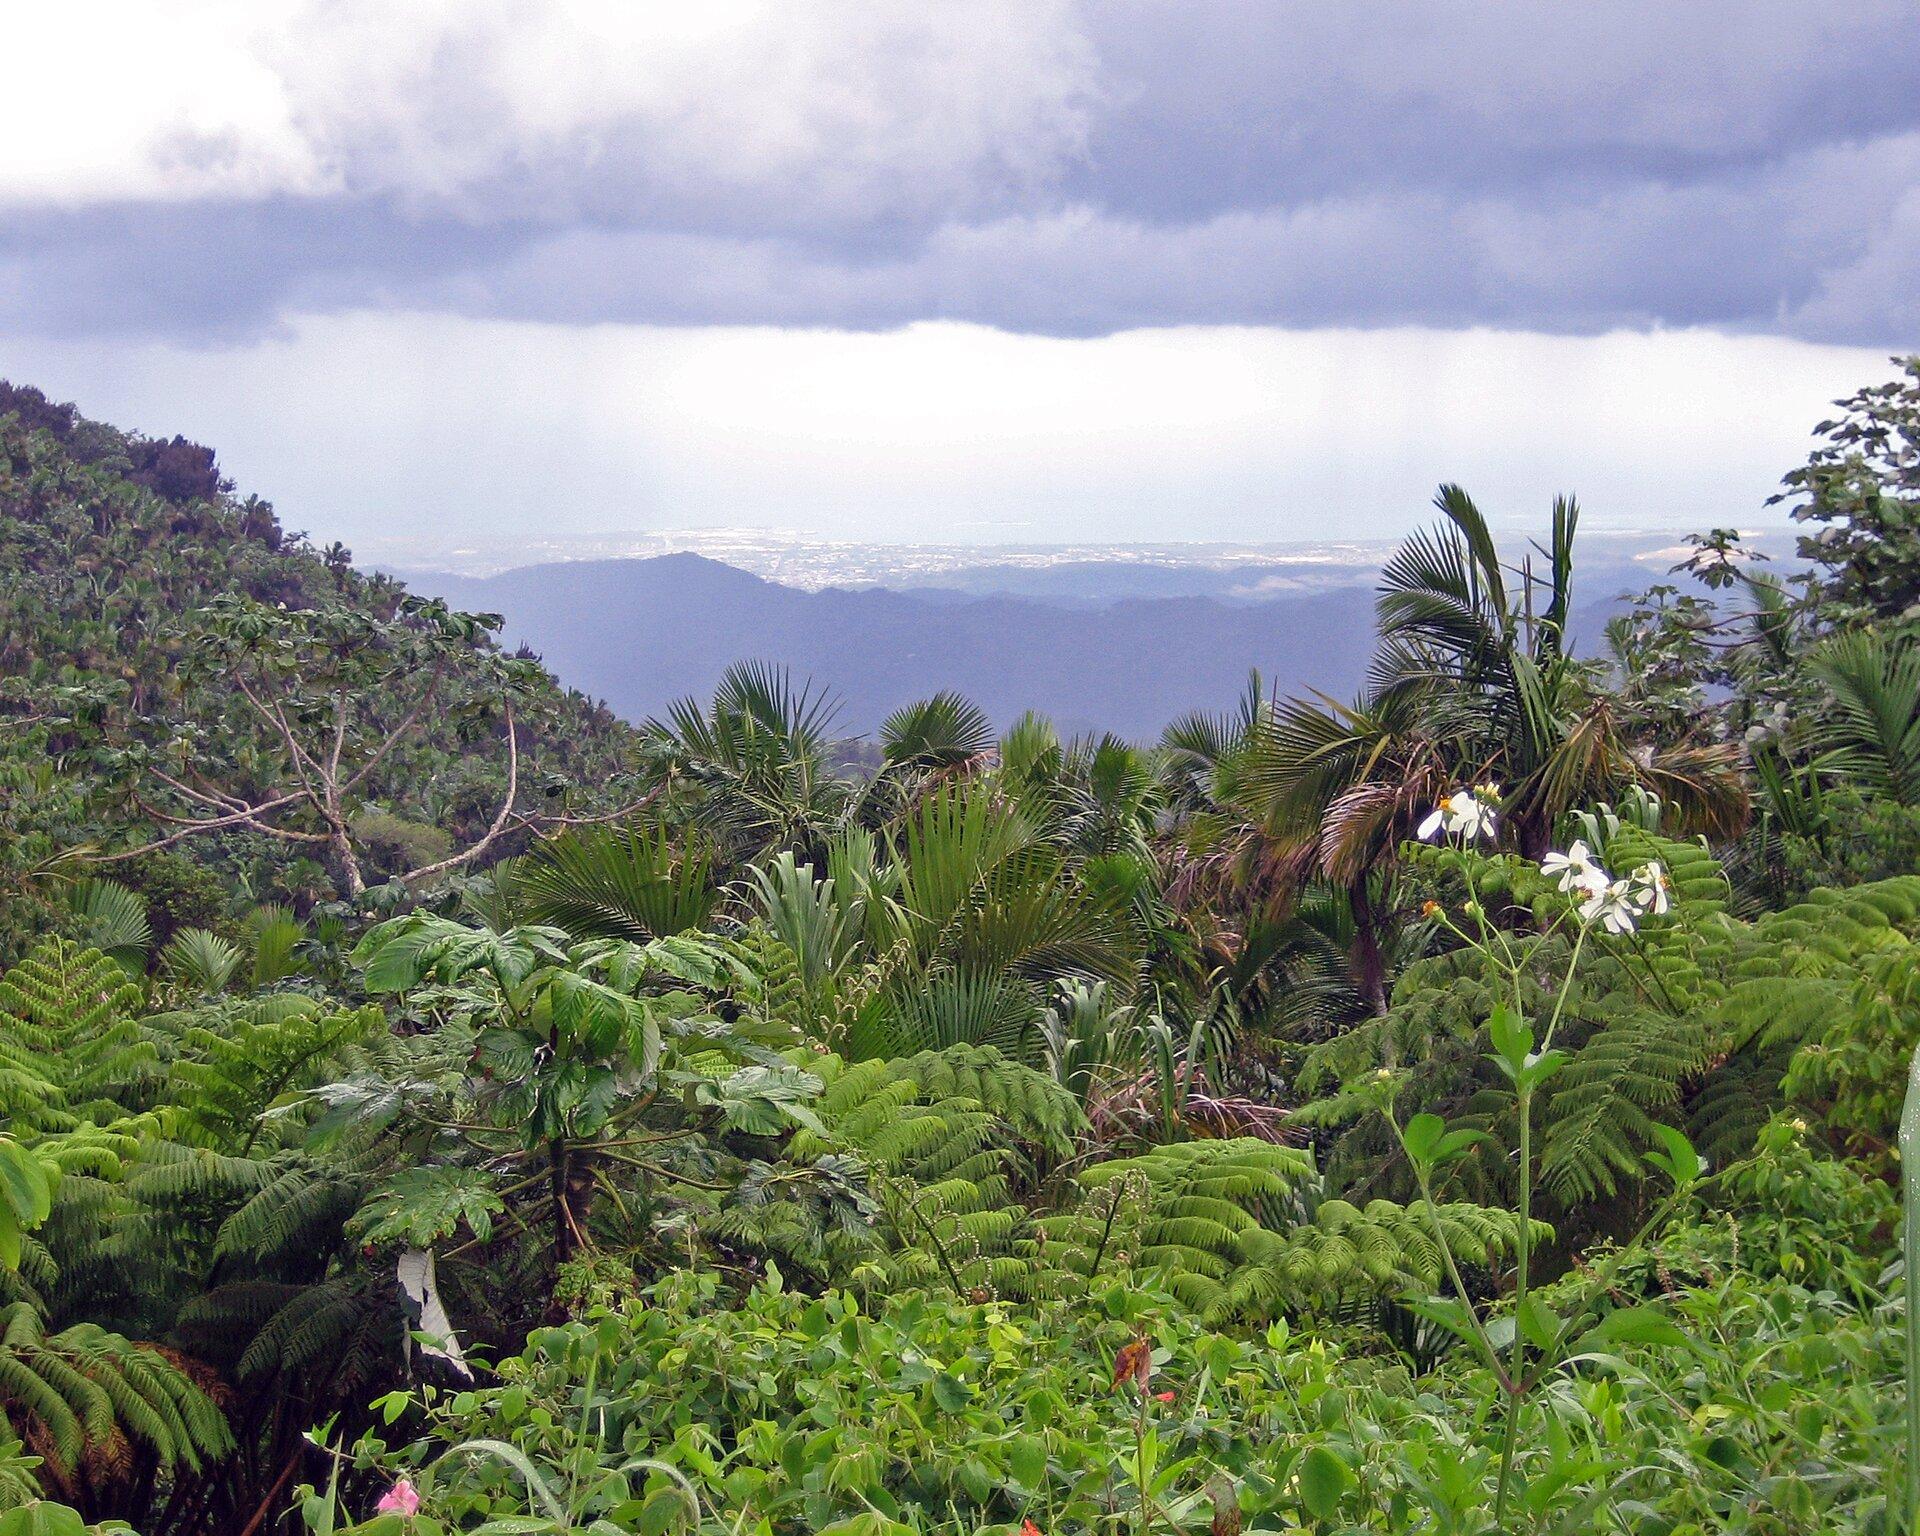 Na zdjęciu zróżnicowane gatunki soczyście zielonych roślin, gęsto porastające teren. Wtle widok na góry.